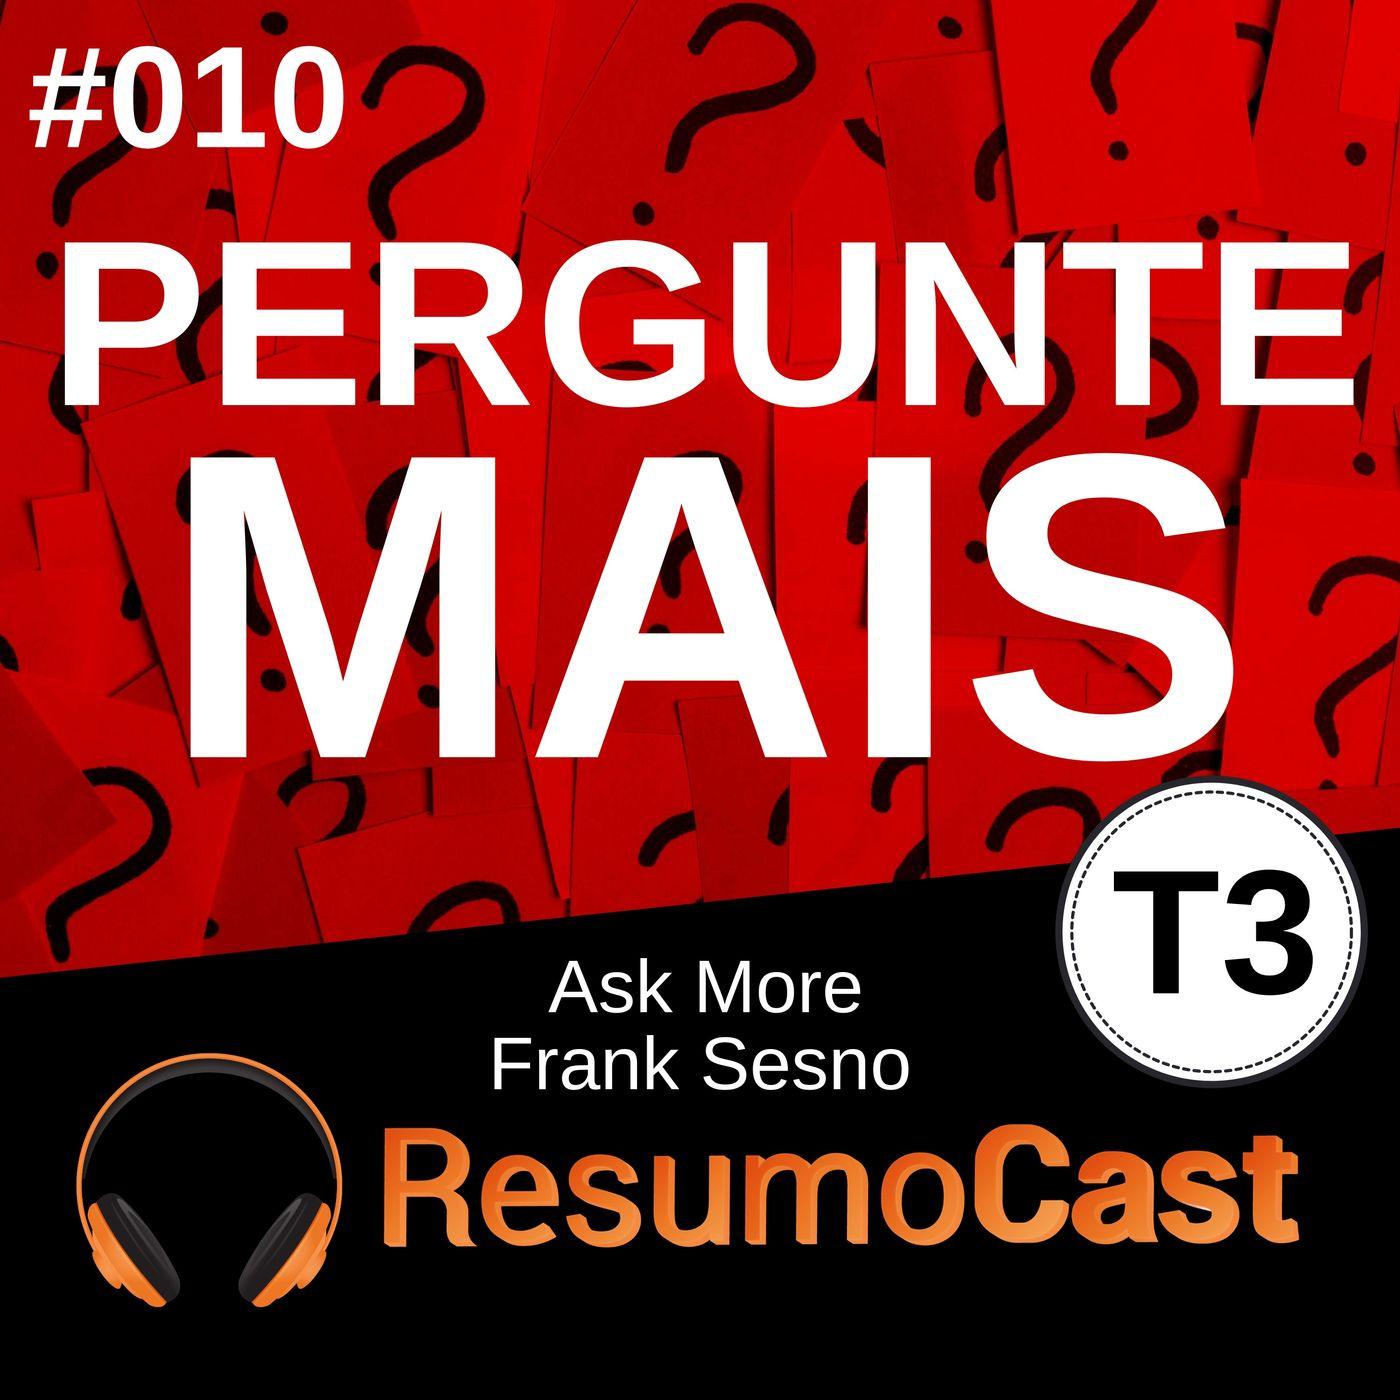 T3#010 Pergunte Mais - Ask More   Frank Sesno